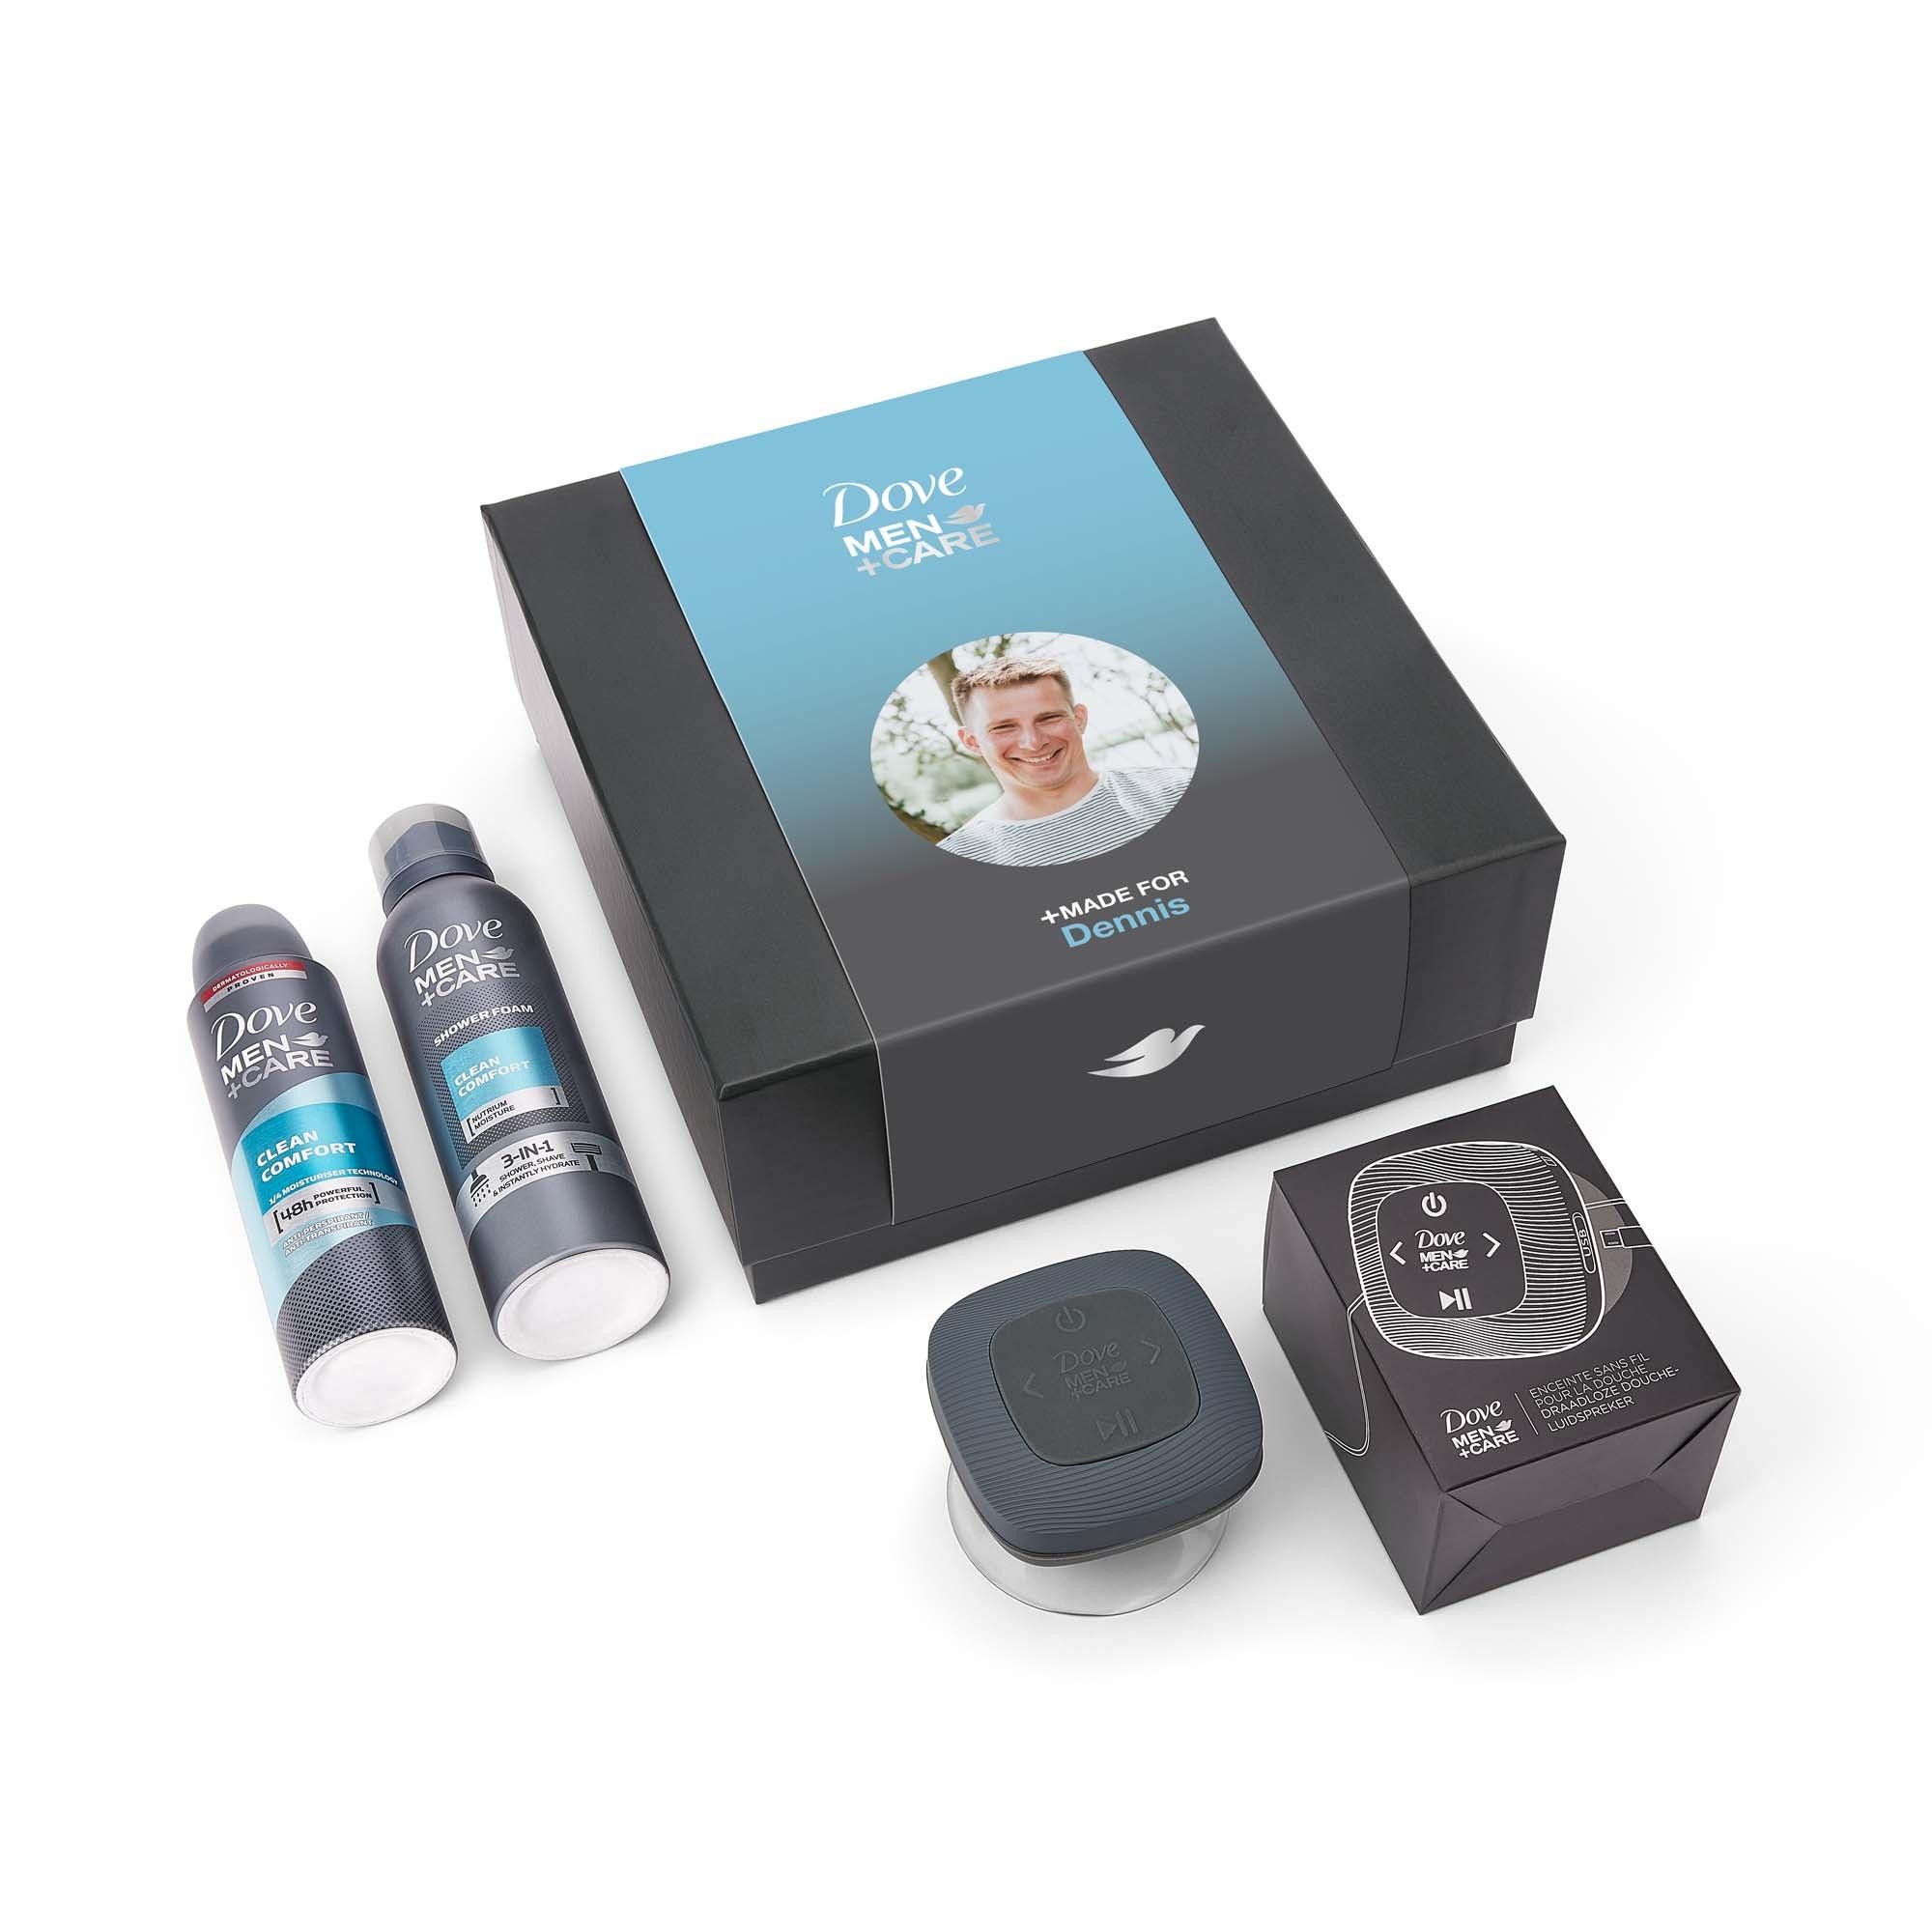 Dove Men+Care geschenkset maken - showerspeaker